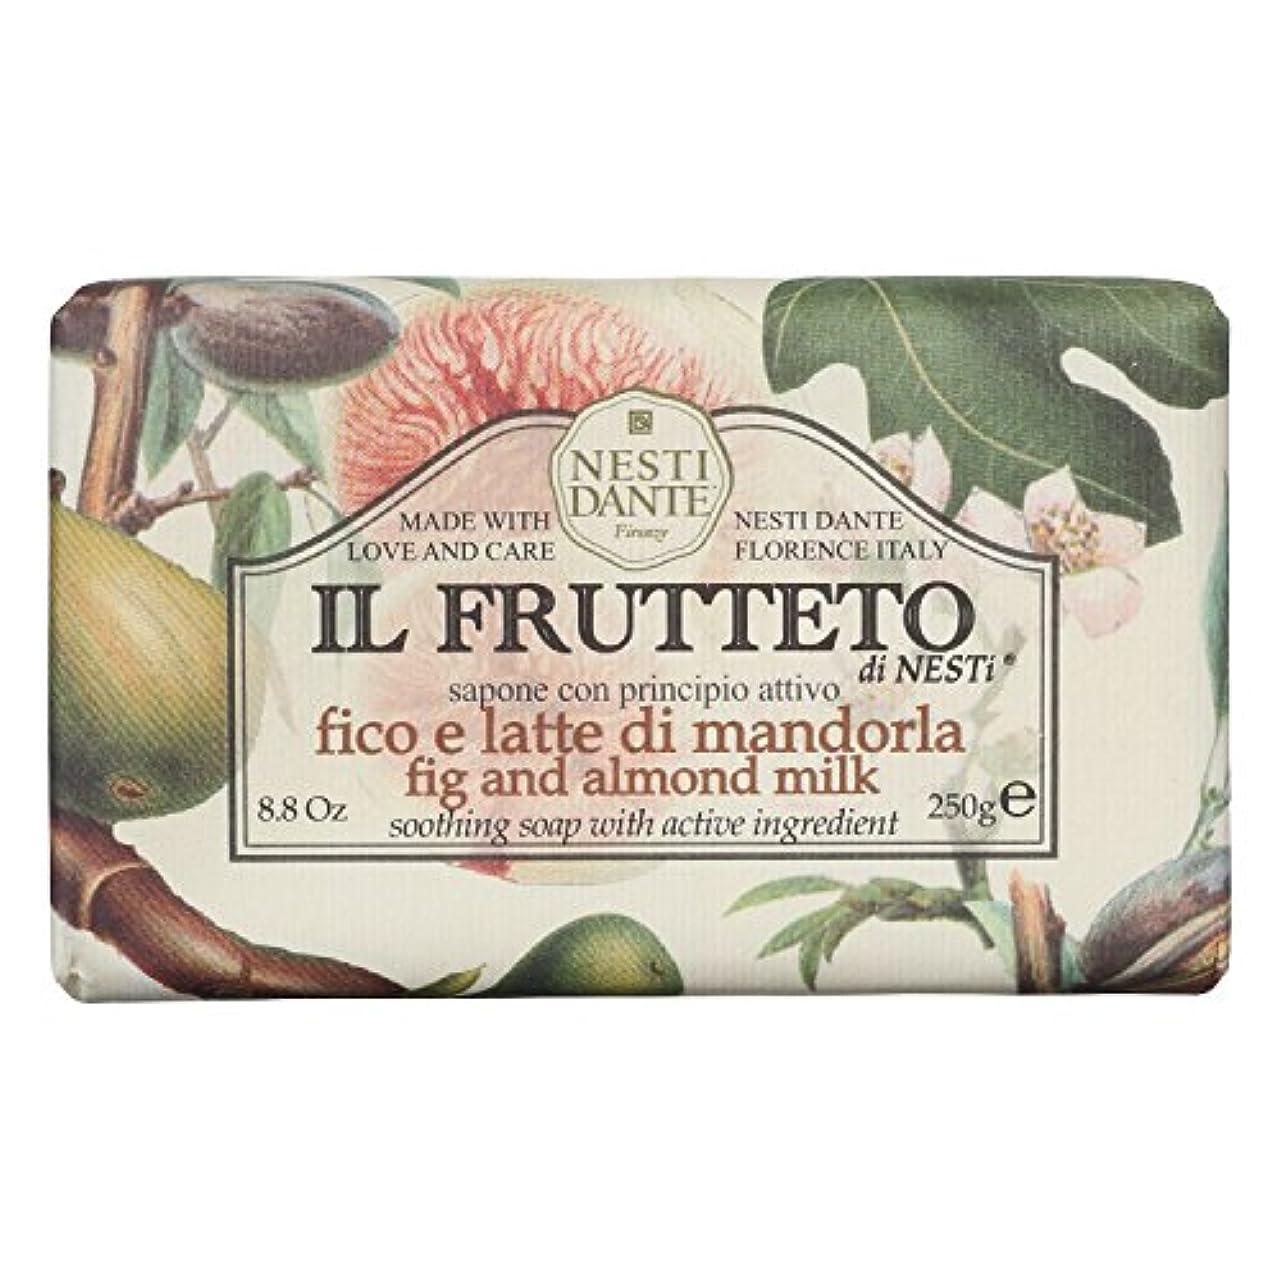 オペラおしゃれなばかげたネスティダンテ (Nesti Dante) フルッテートソープ フィグ&アーモンドミルク 250g